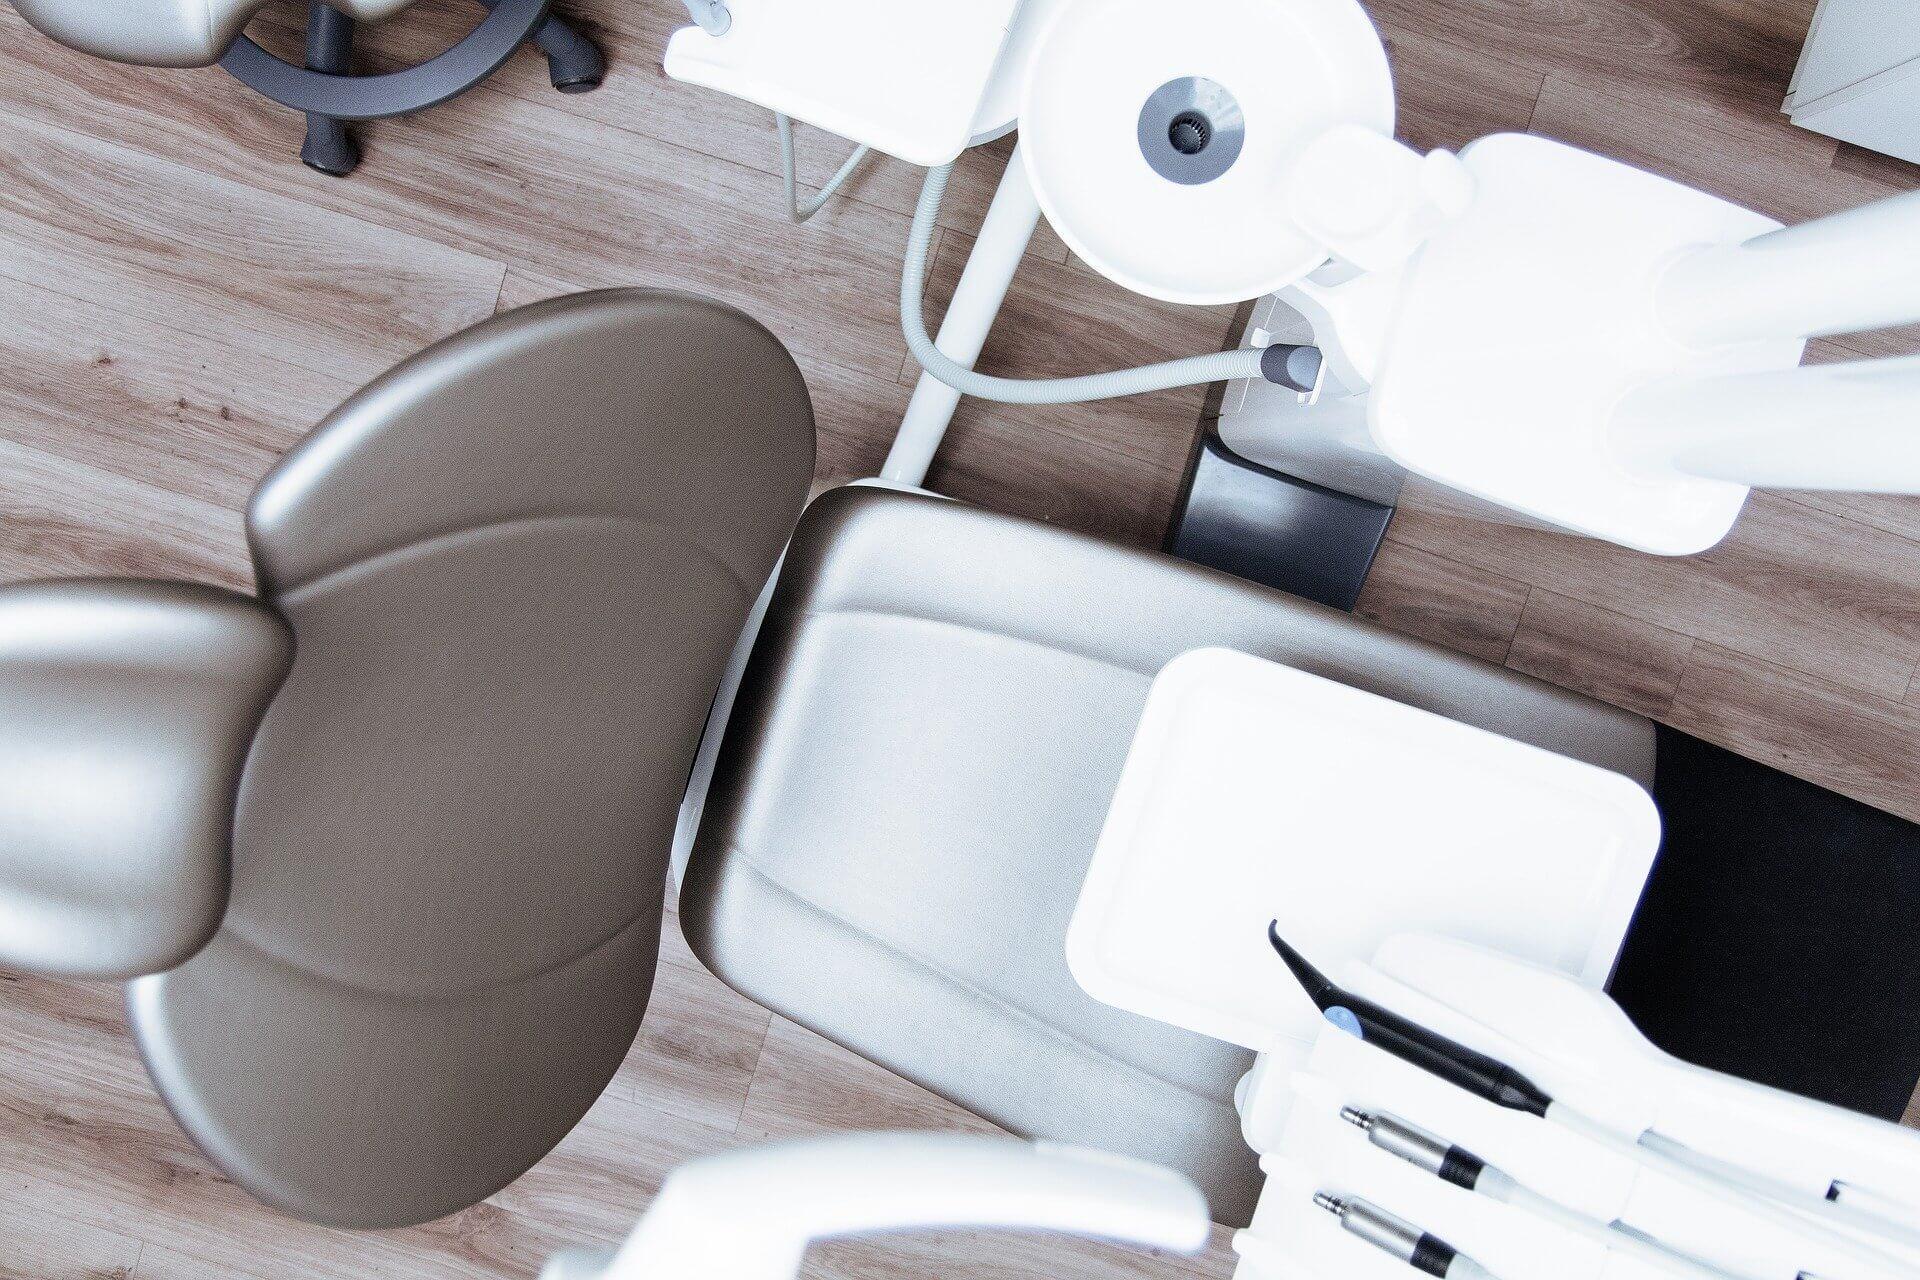 dentist-chair-fear